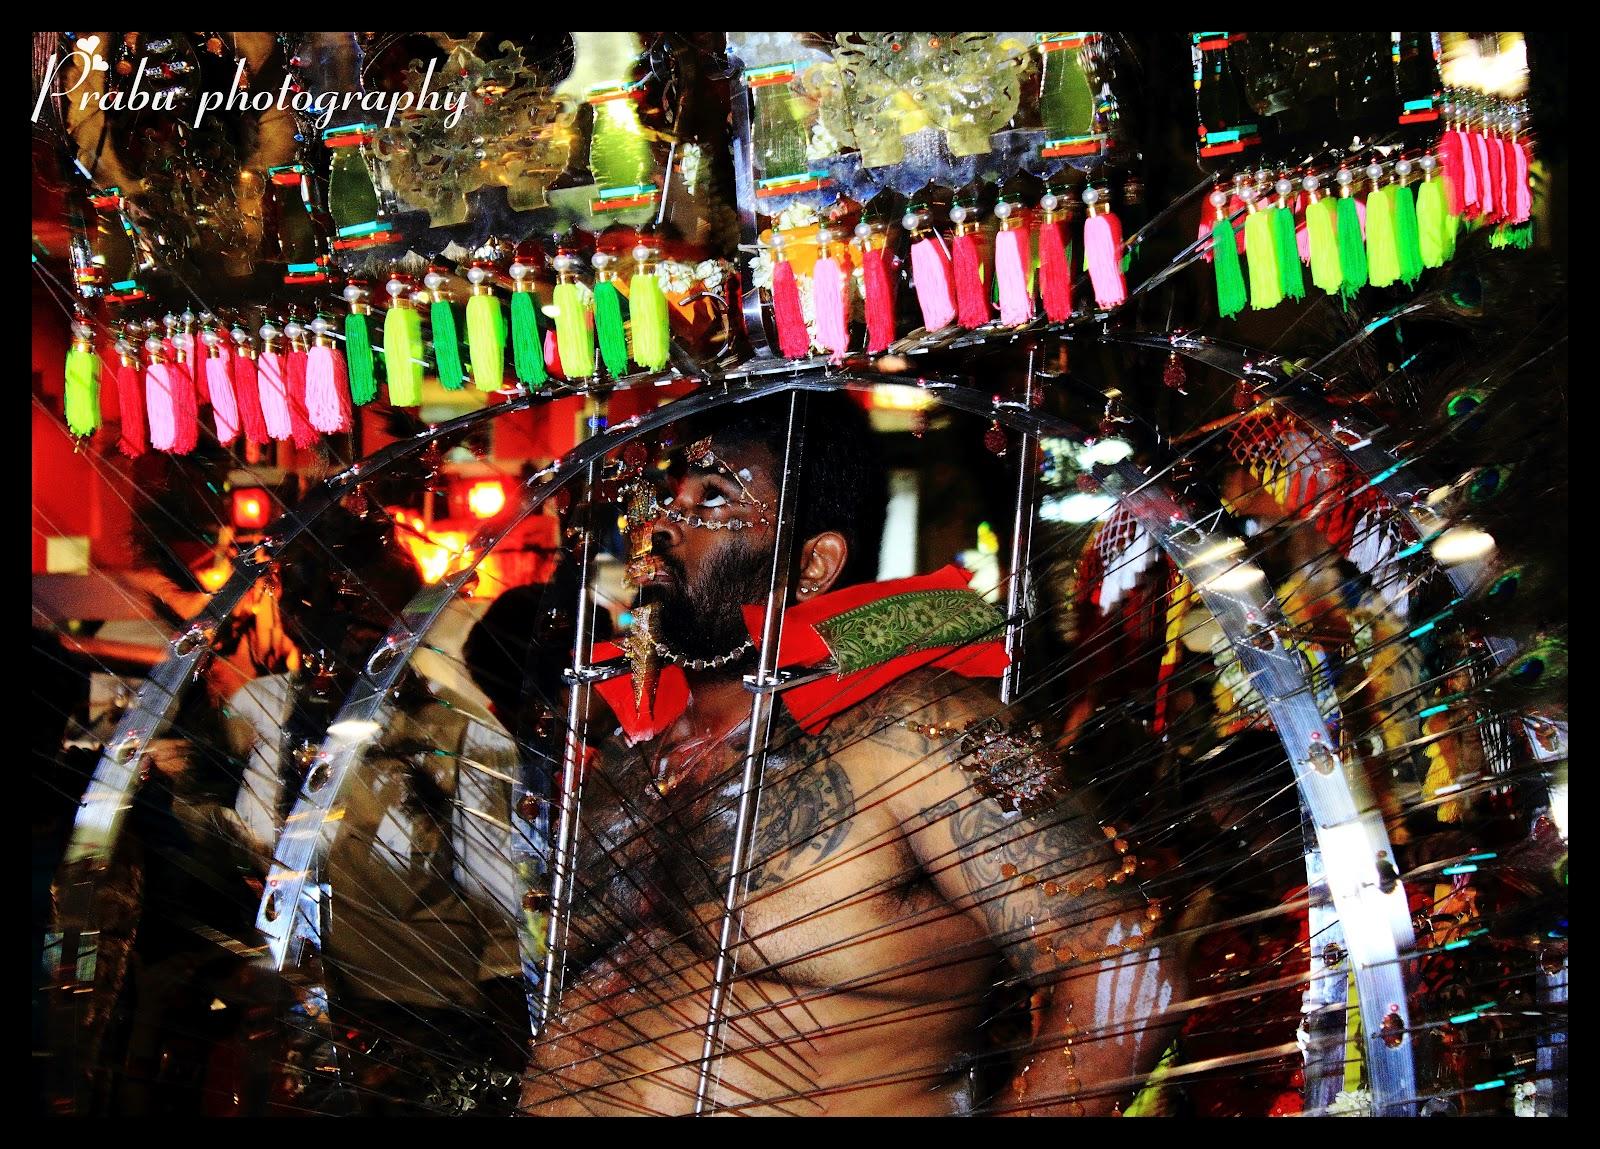 சிங்கப்பூர் தைப்பூசம் 2012 (புகைப்படங்கள்)-பகுதி-1 IMG_5178-1